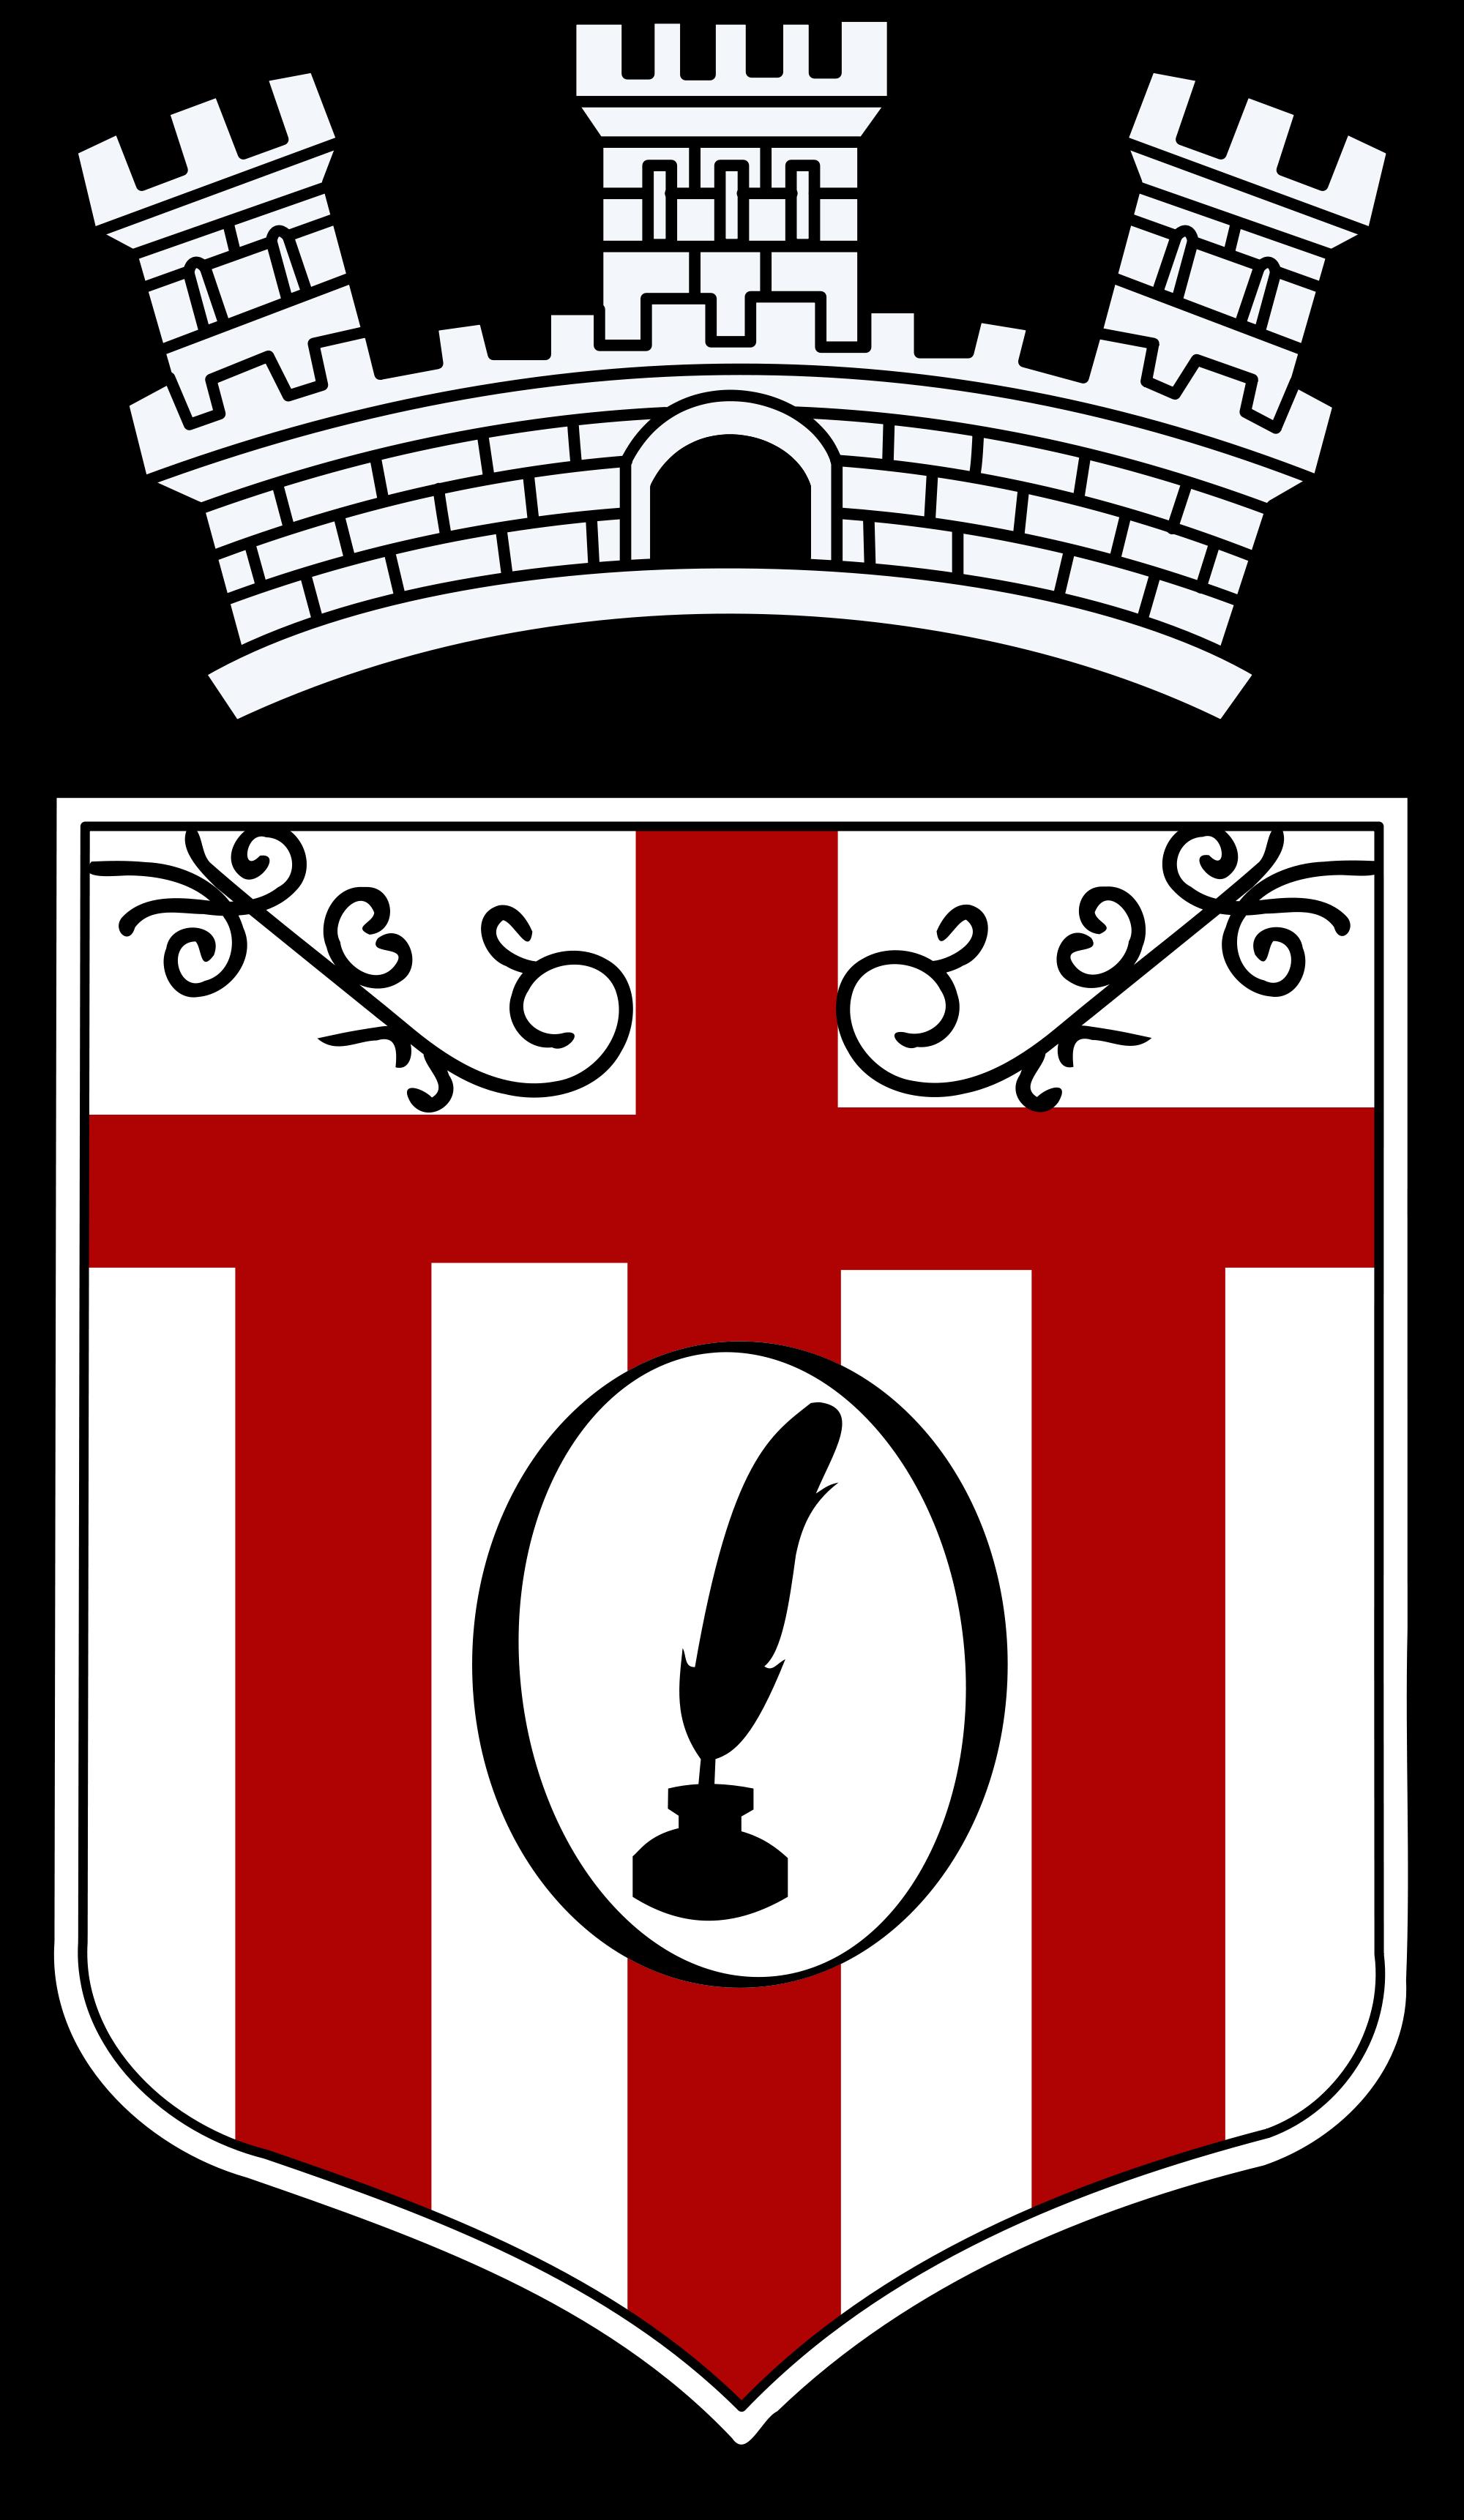 File:Korçe logo.svg.